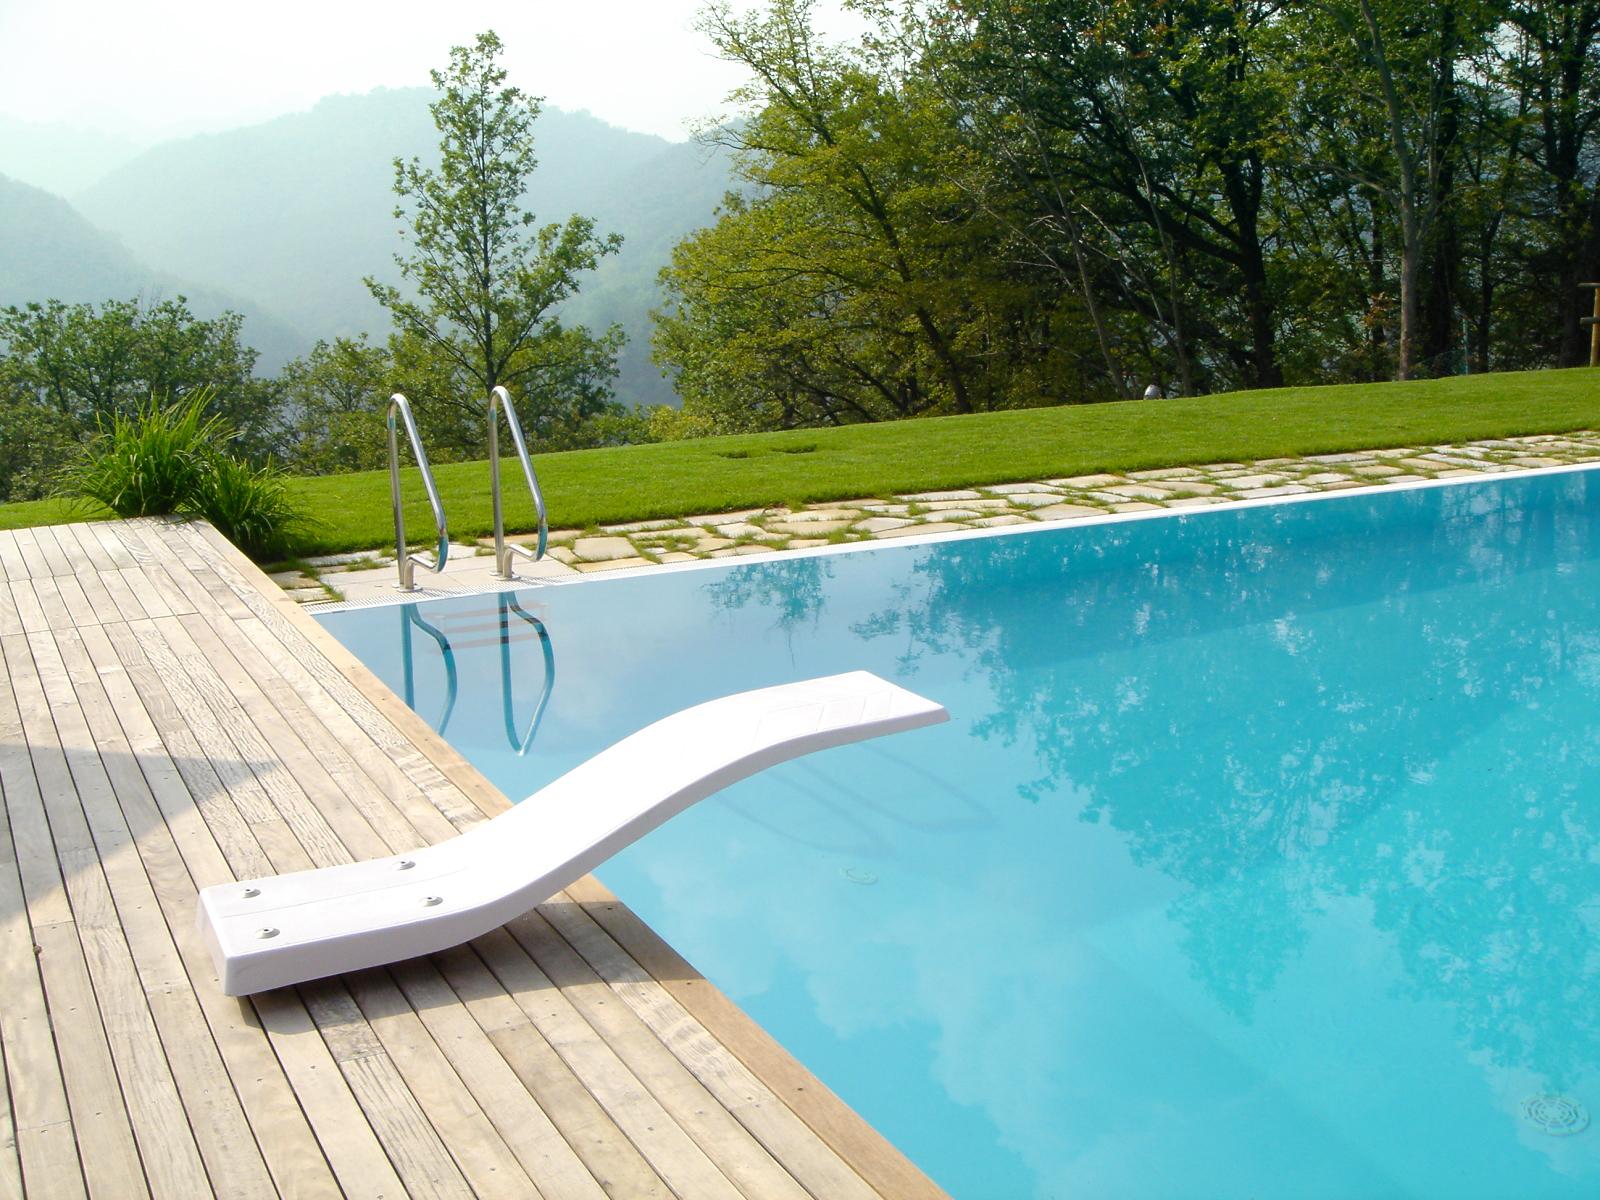 Vendita Piscine A Catania trampolini piscina ⋆ costruzione piscine catania